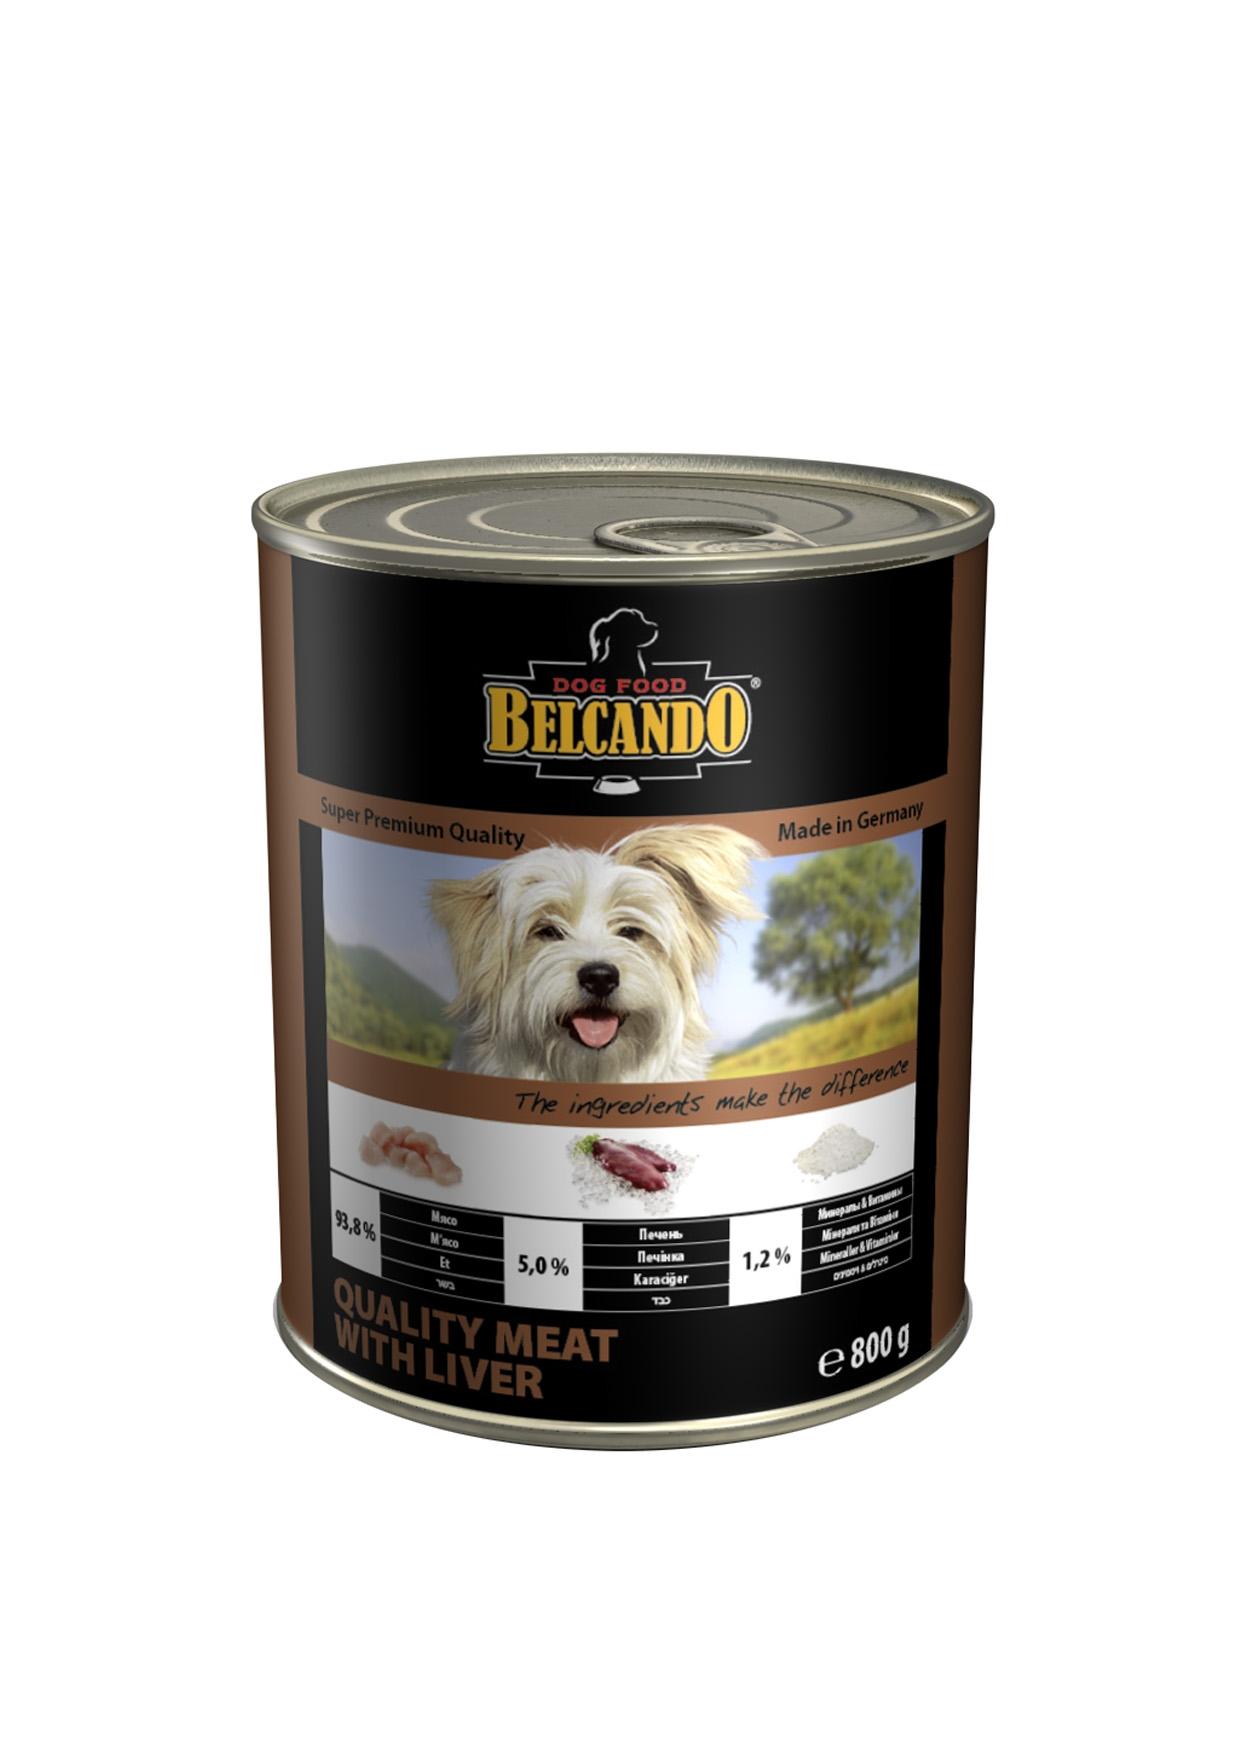 Консервы для собак Belcando, с мясом и печенью, 800 г консервы для собак belcando с отборным мясом 800 г